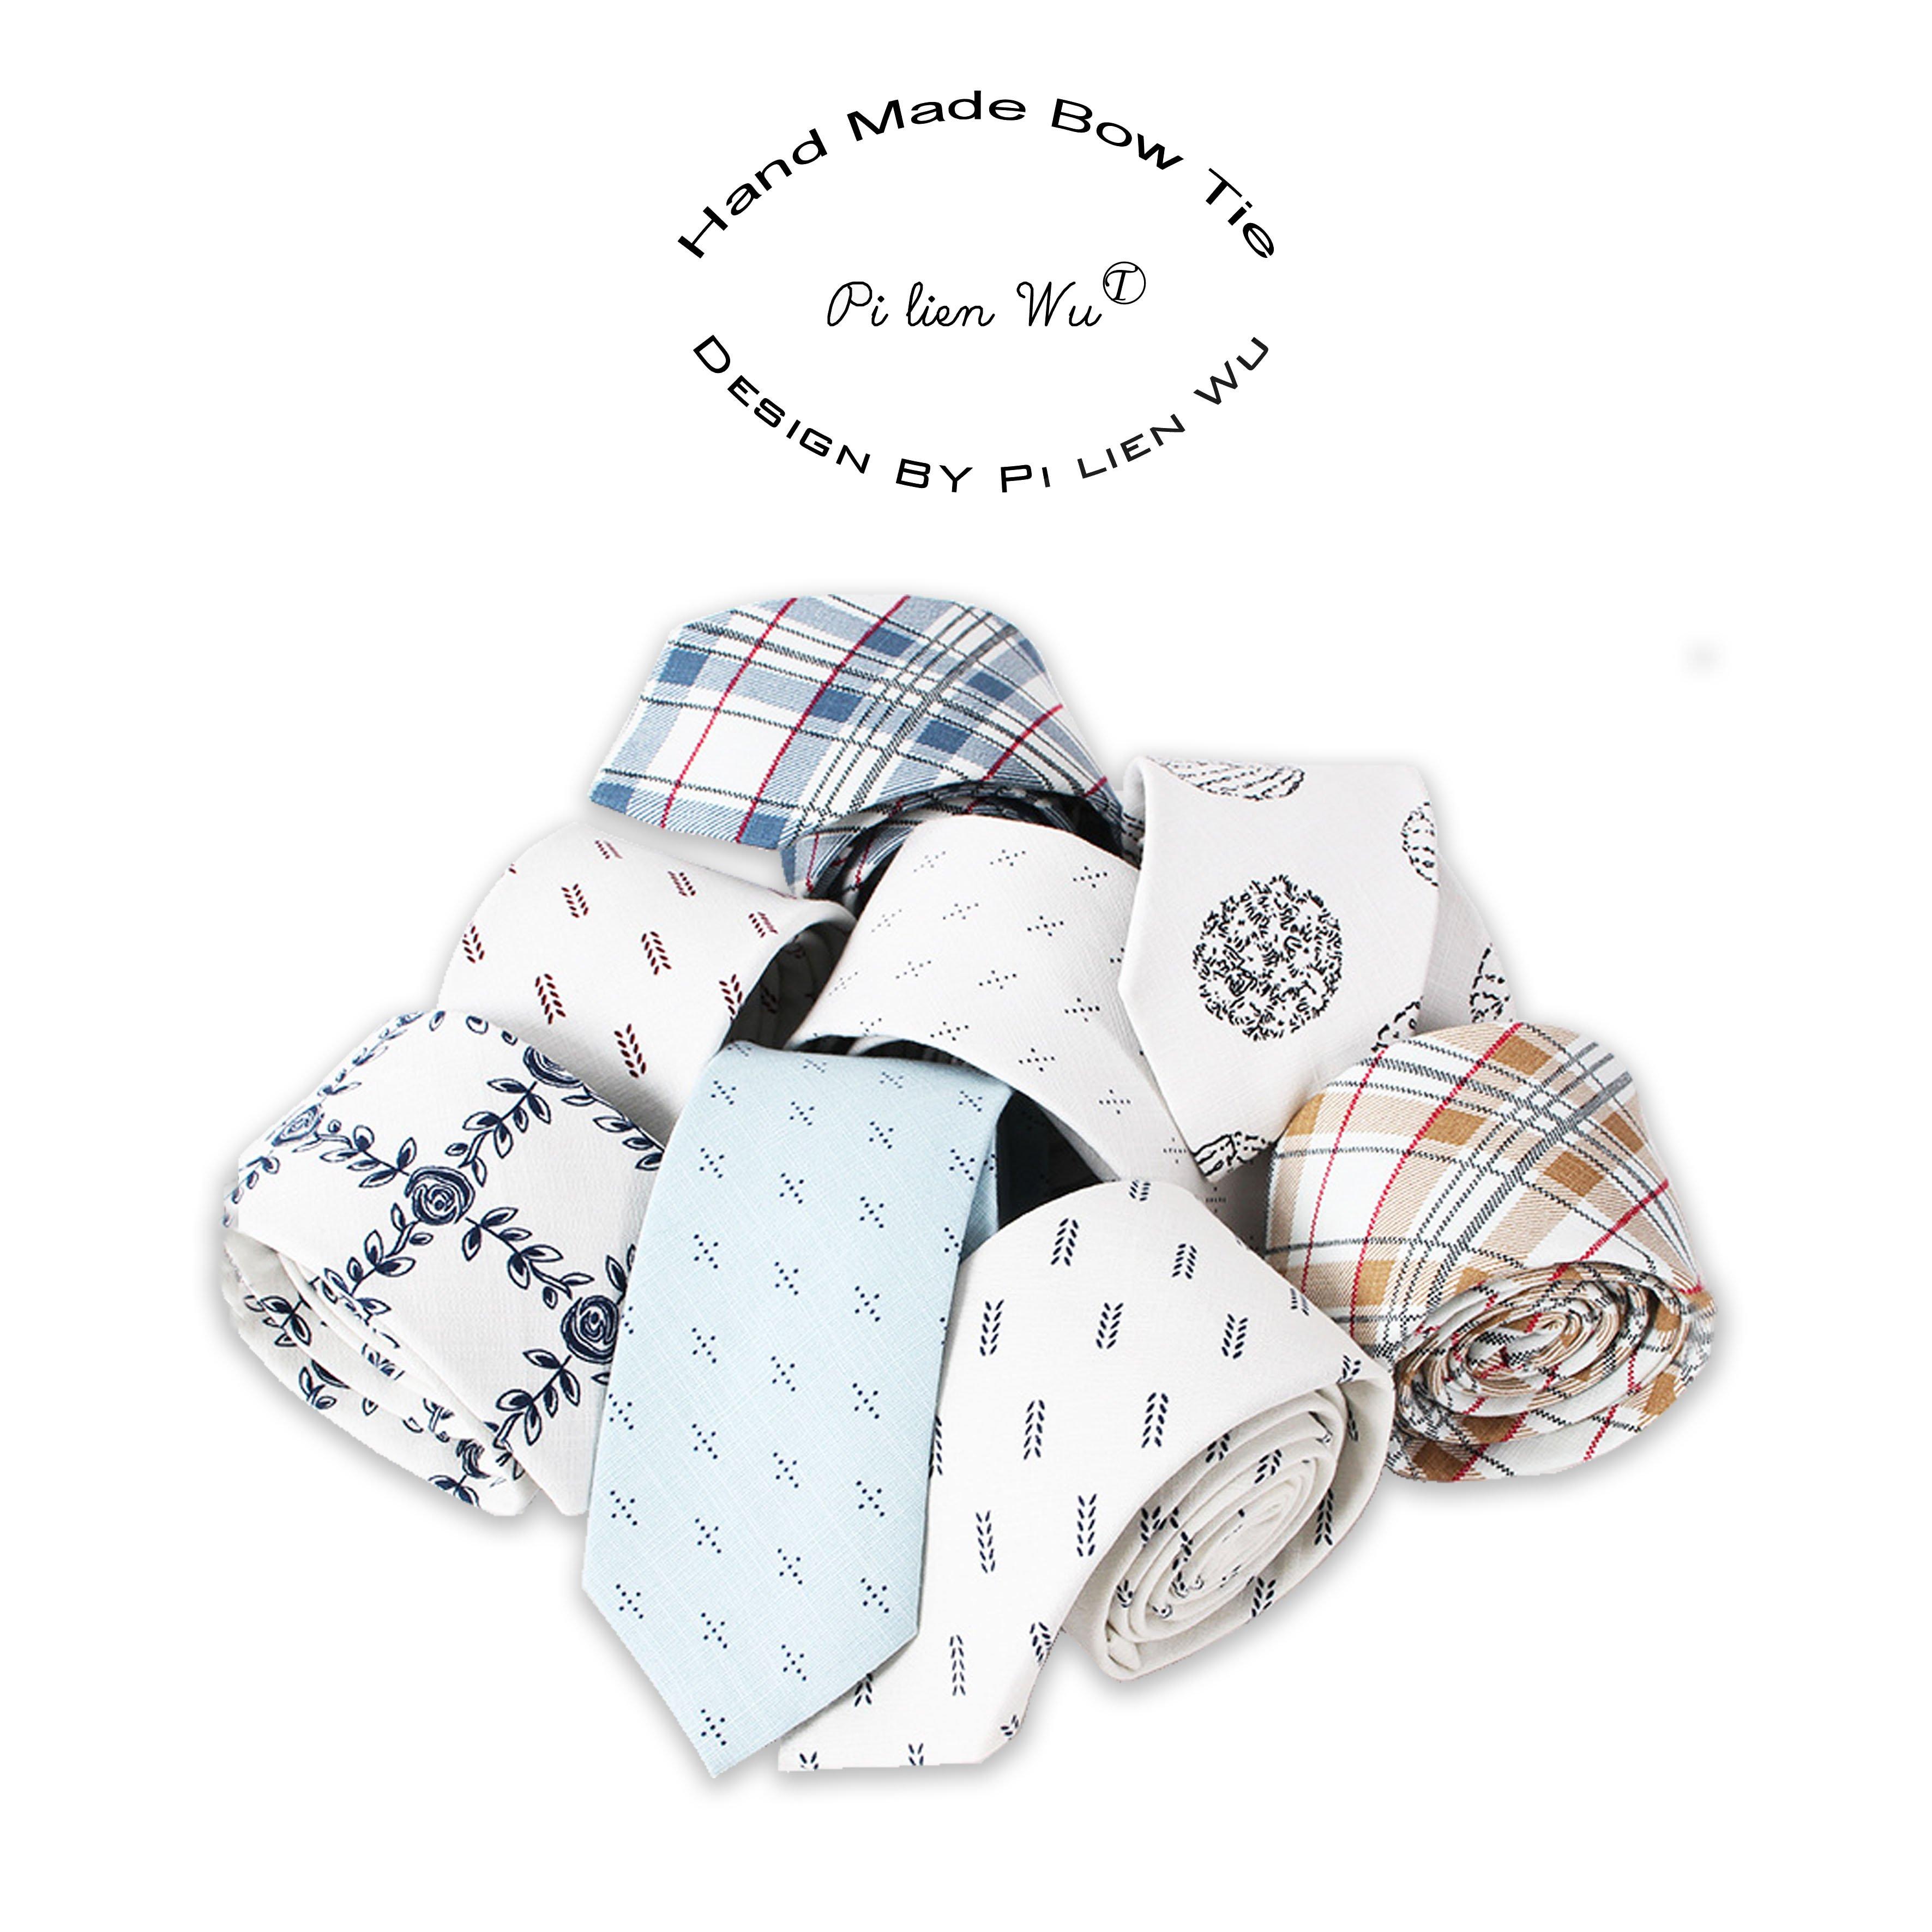 棉質領帶☆↜玫瑰。誌 雅致 潮男文青印花風格棉質手打領帶百搭領帶棉麻領帶領結窄版領帶棉布領帶